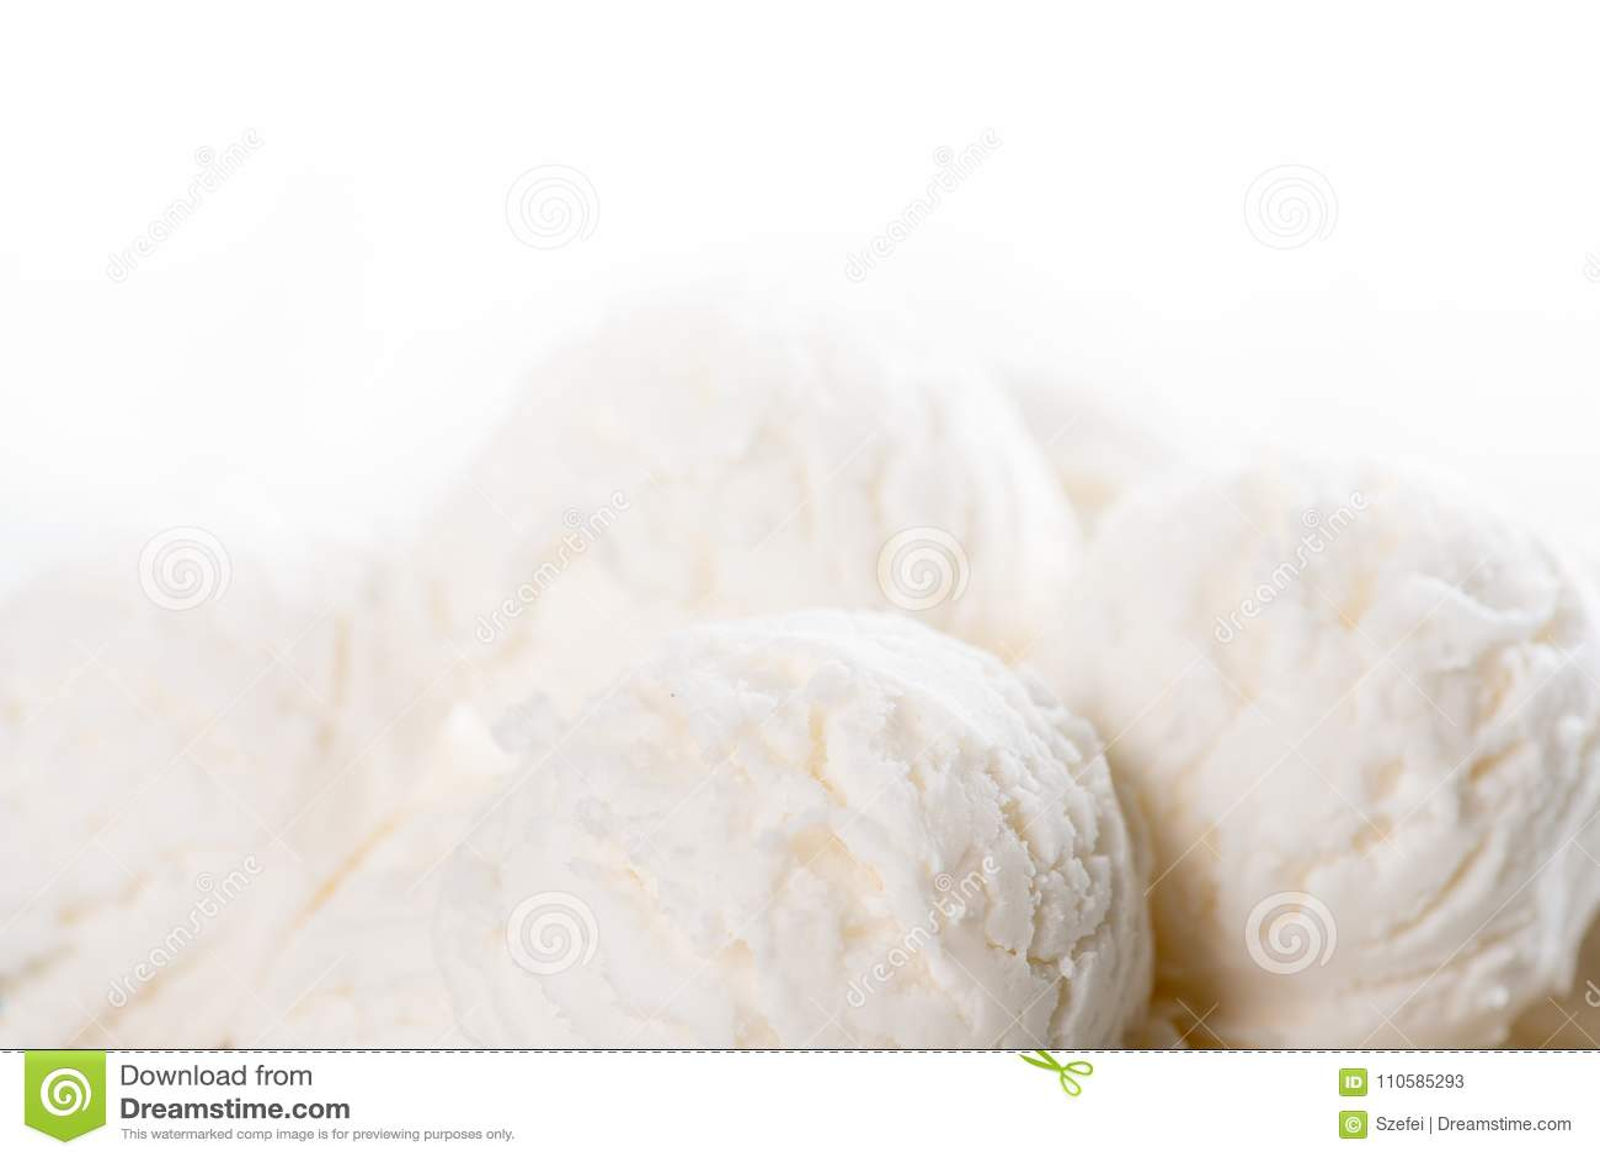 Fin de crème glacée de noix de coco